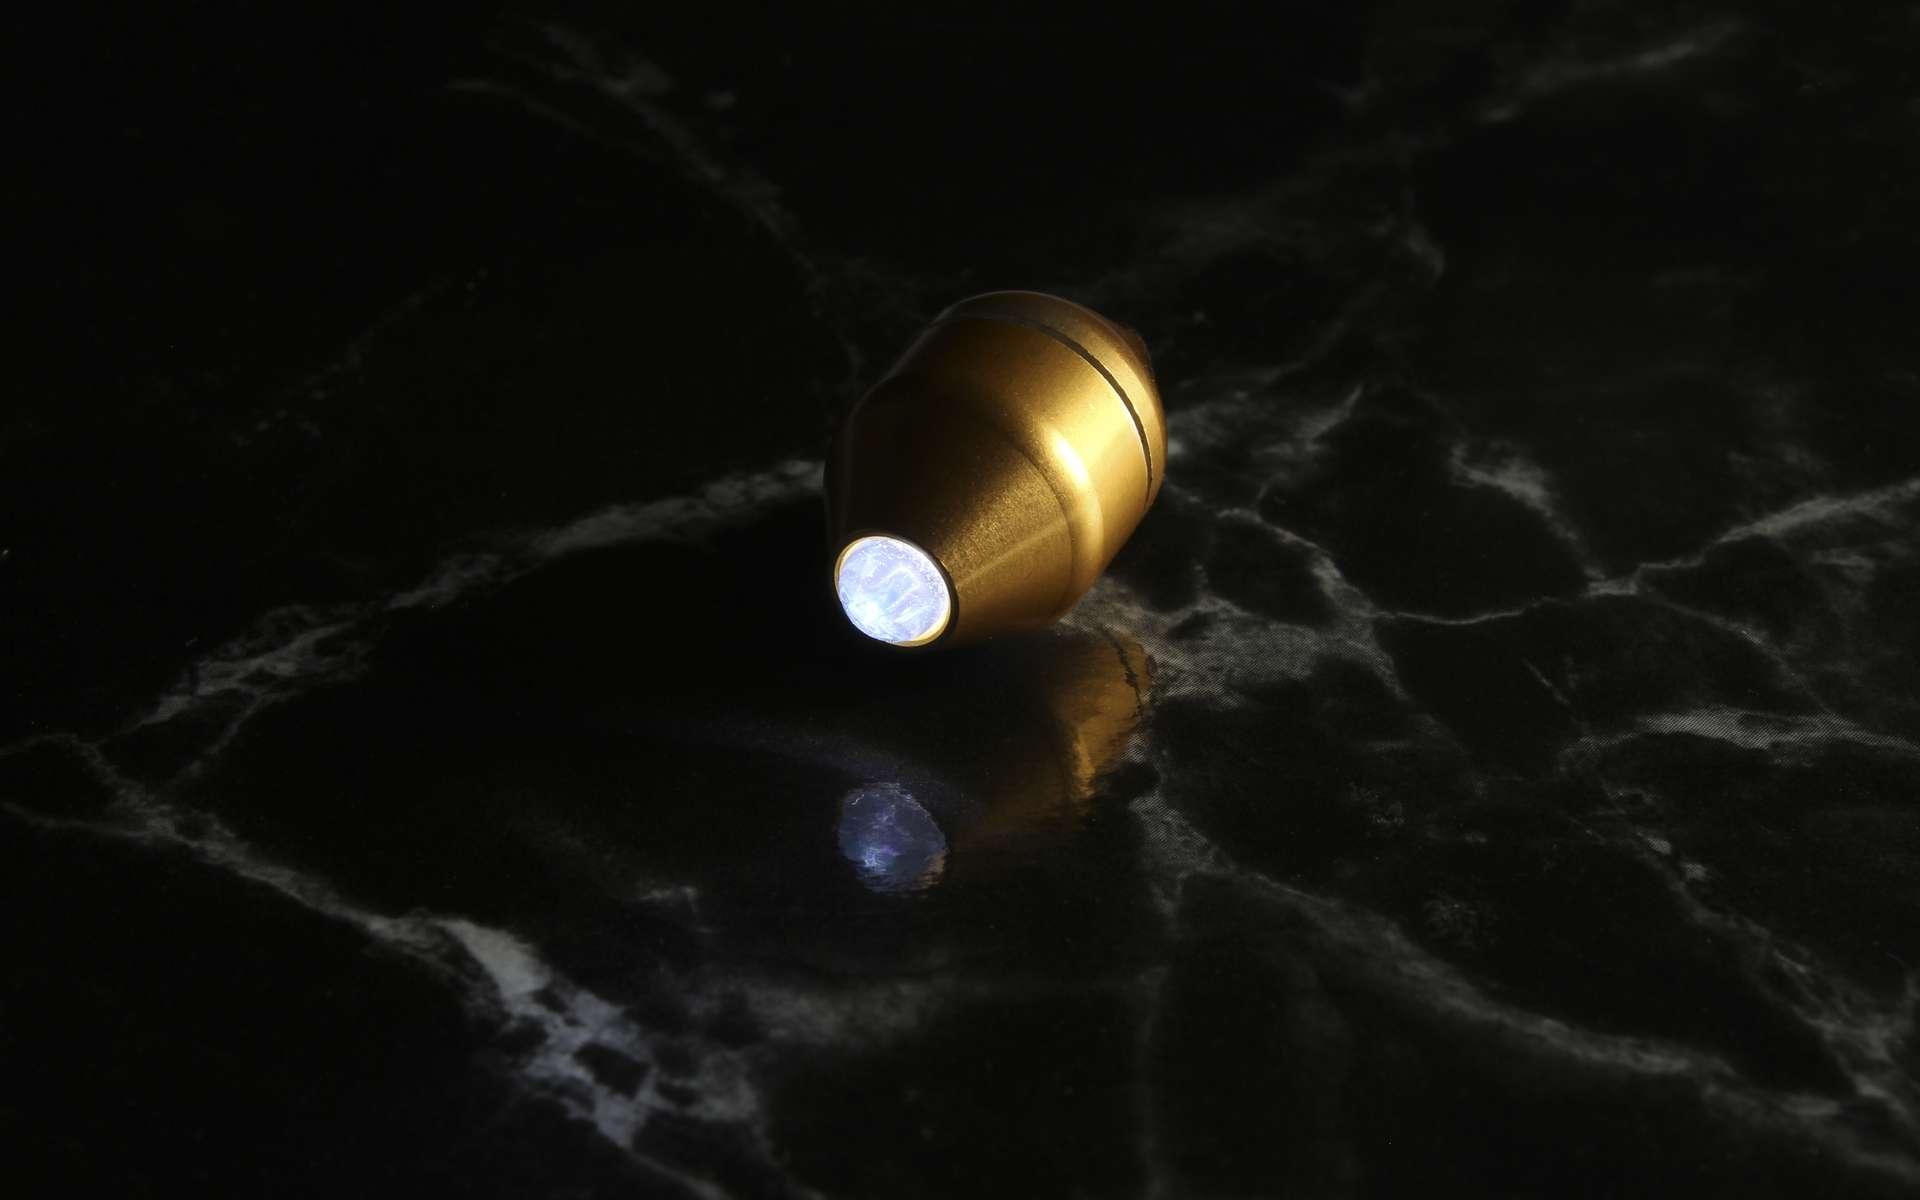 Parmi les meilleures idées de crowdfunding de janvier, cette mini lampe torche pas plus grosse qu'un ongle. © The Sub